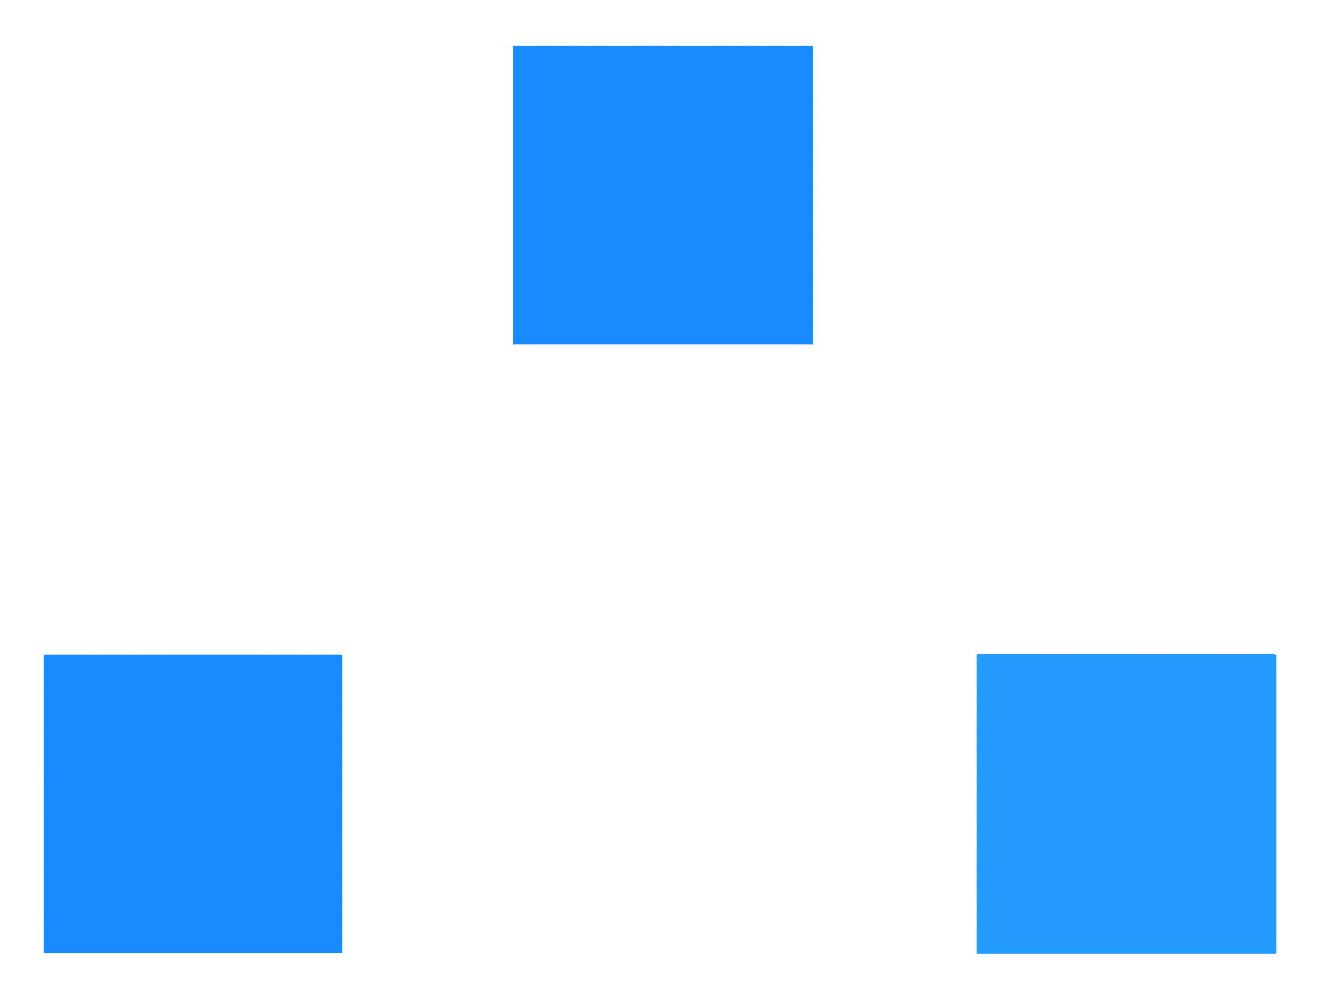 Görselin alt tarafında yer alan iki mavi tonundan hangisi yukarıdaki ile aynı?